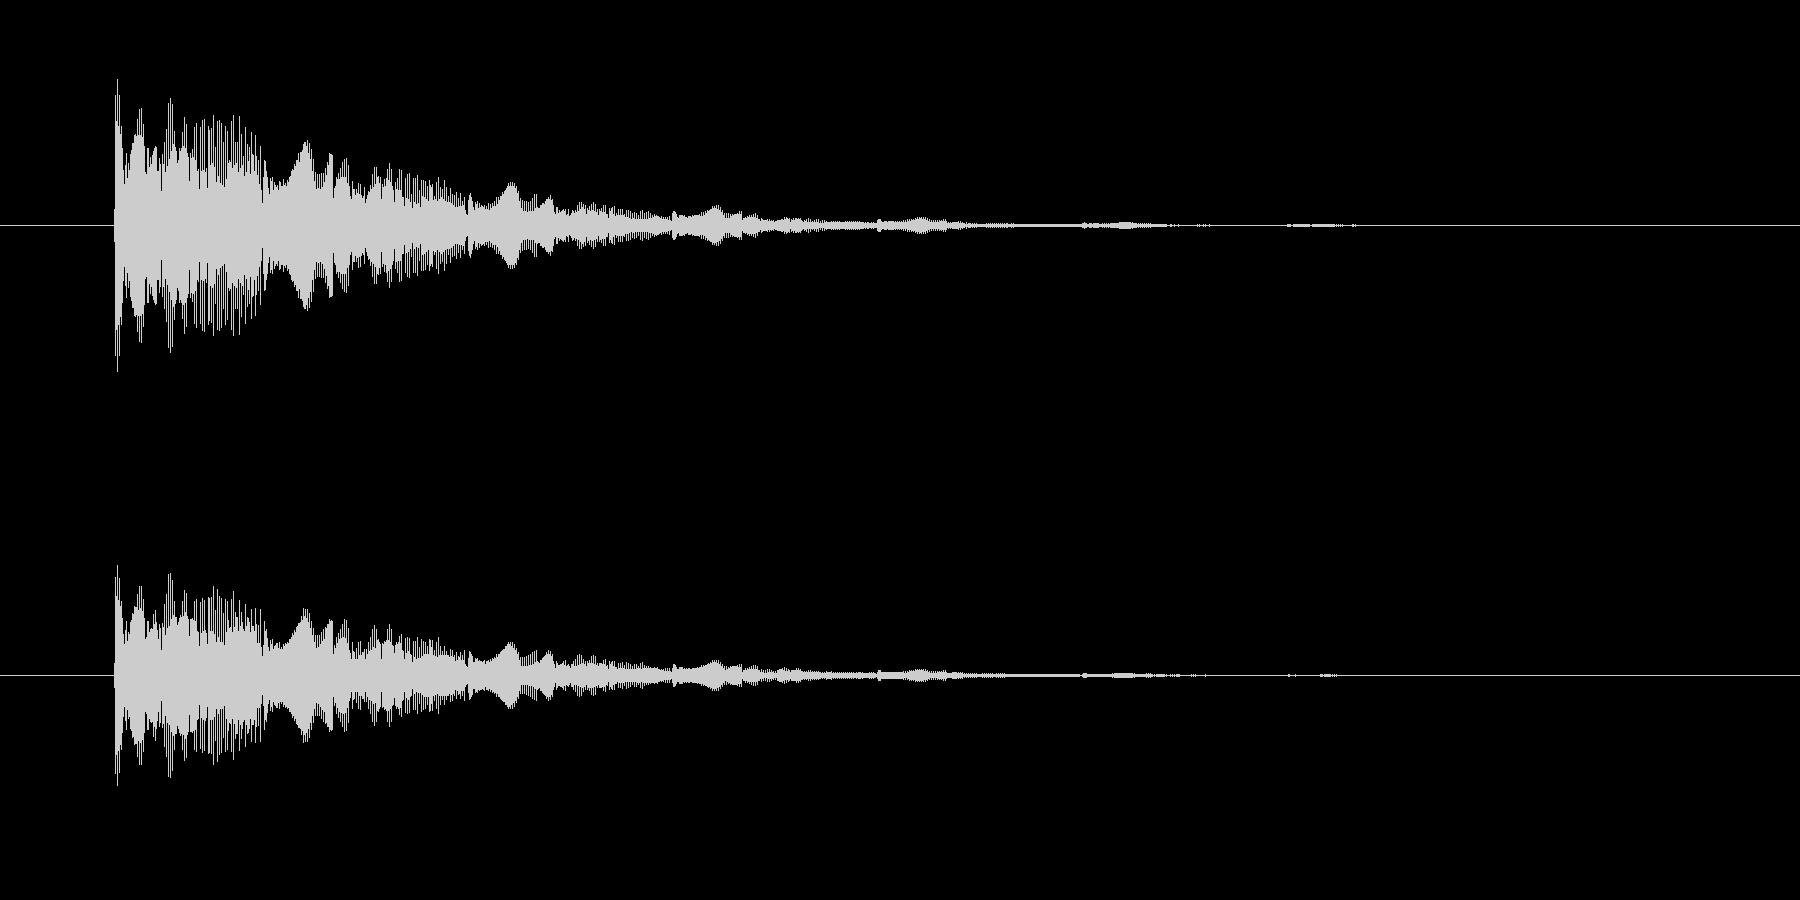 レトロなアナログシンセ音の未再生の波形